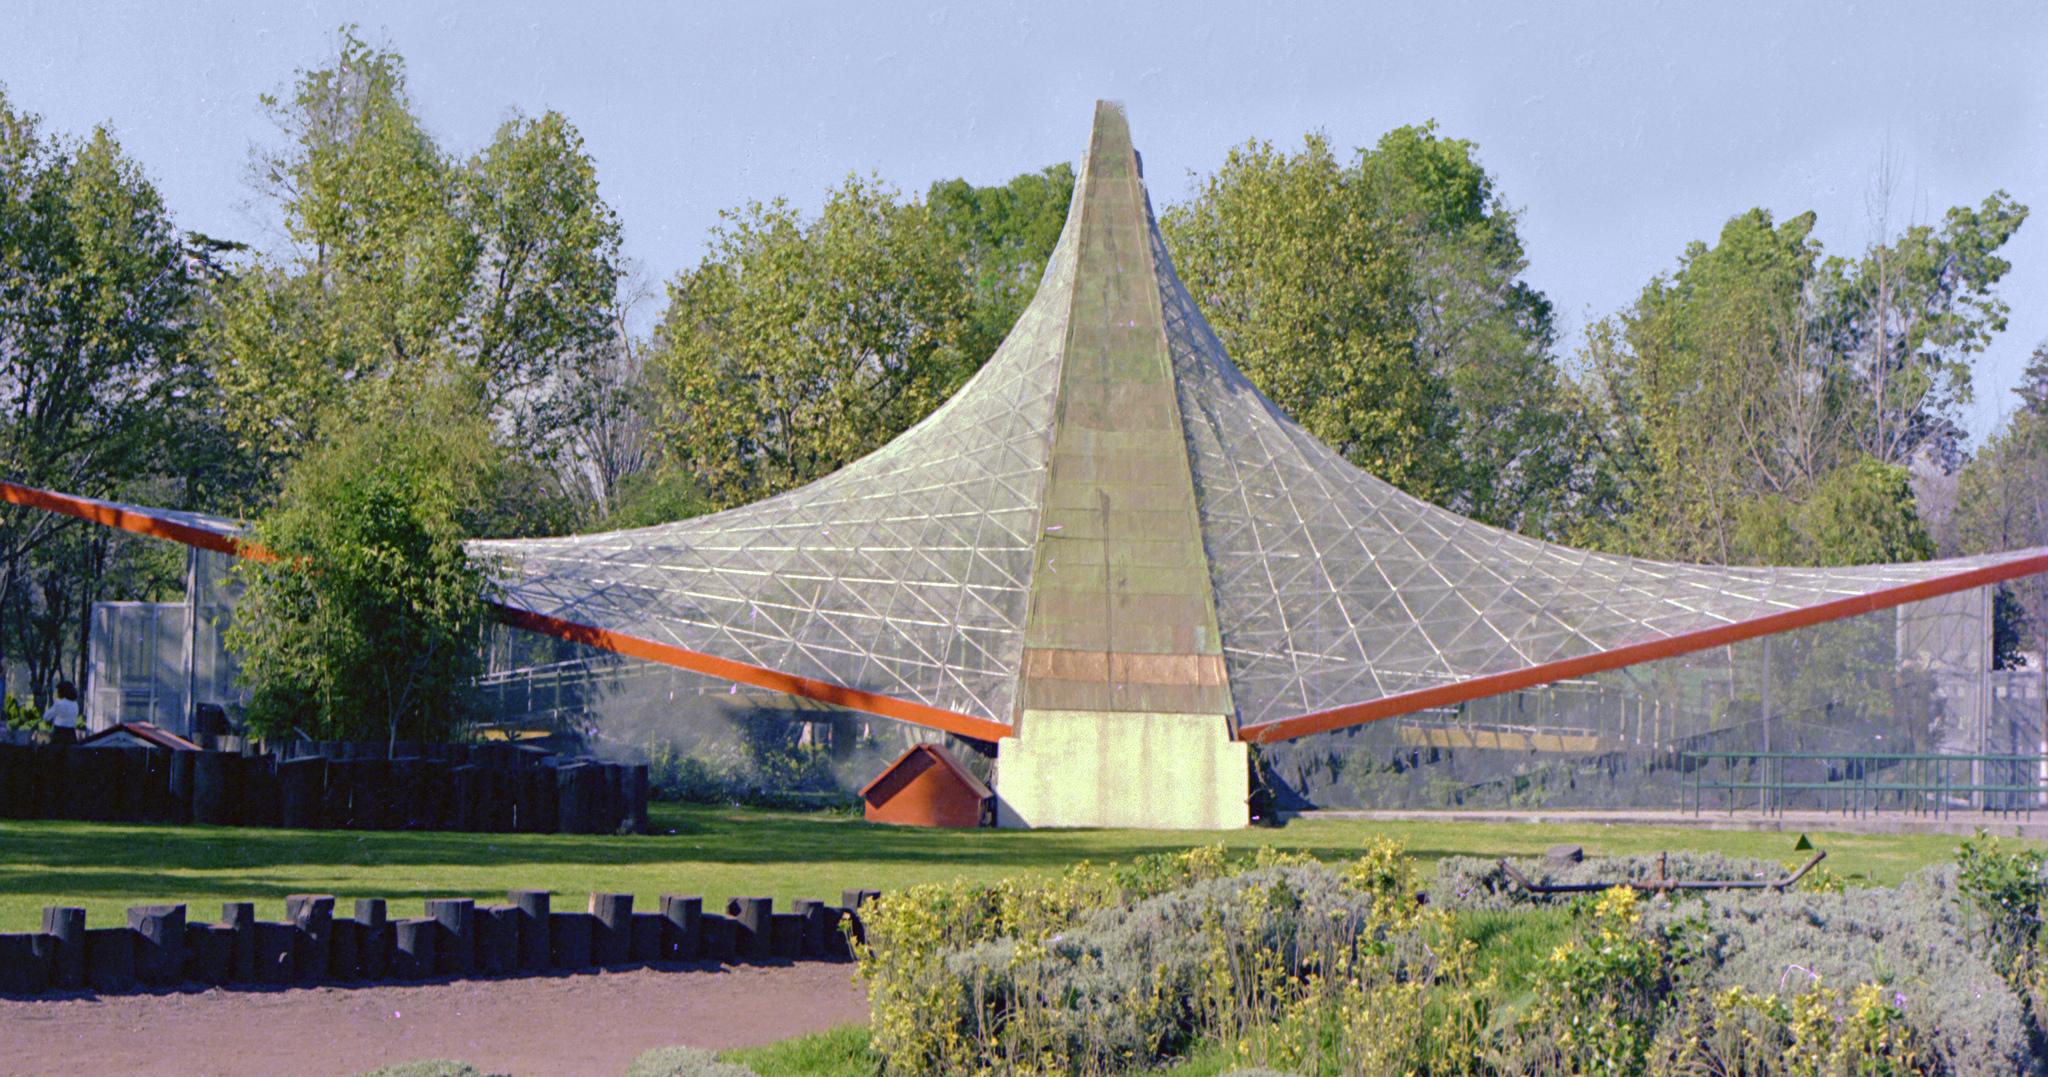 Hyperbolic Paraboloid Aviary